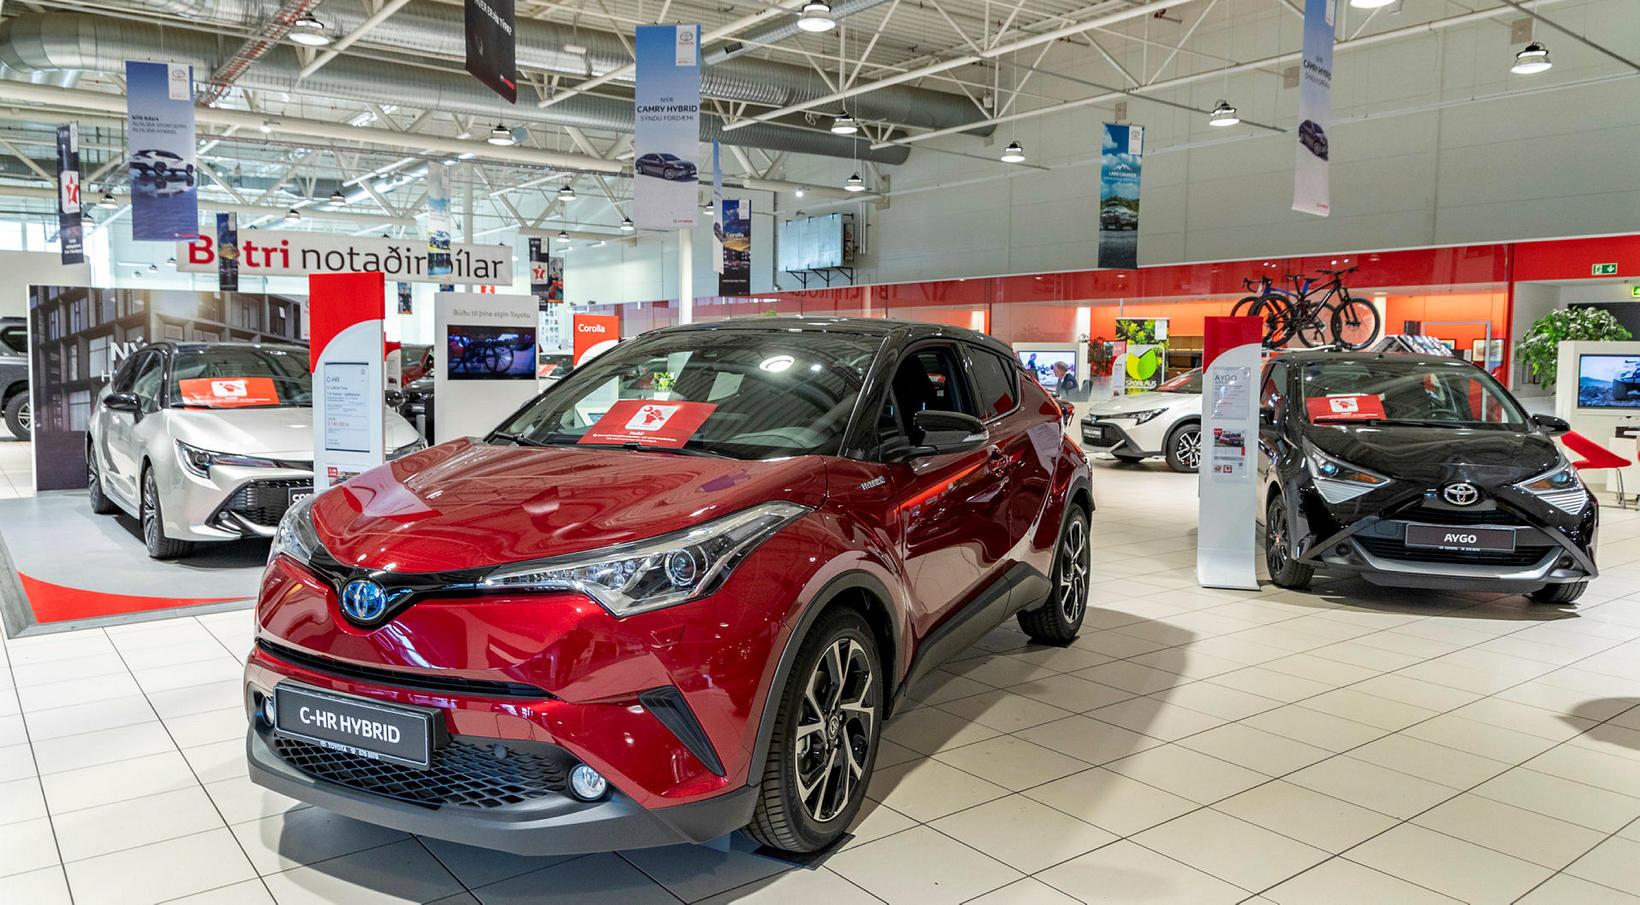 Toyota hefur mjög sterka markaðshlutdeild á íslenskum bílamarkaði.